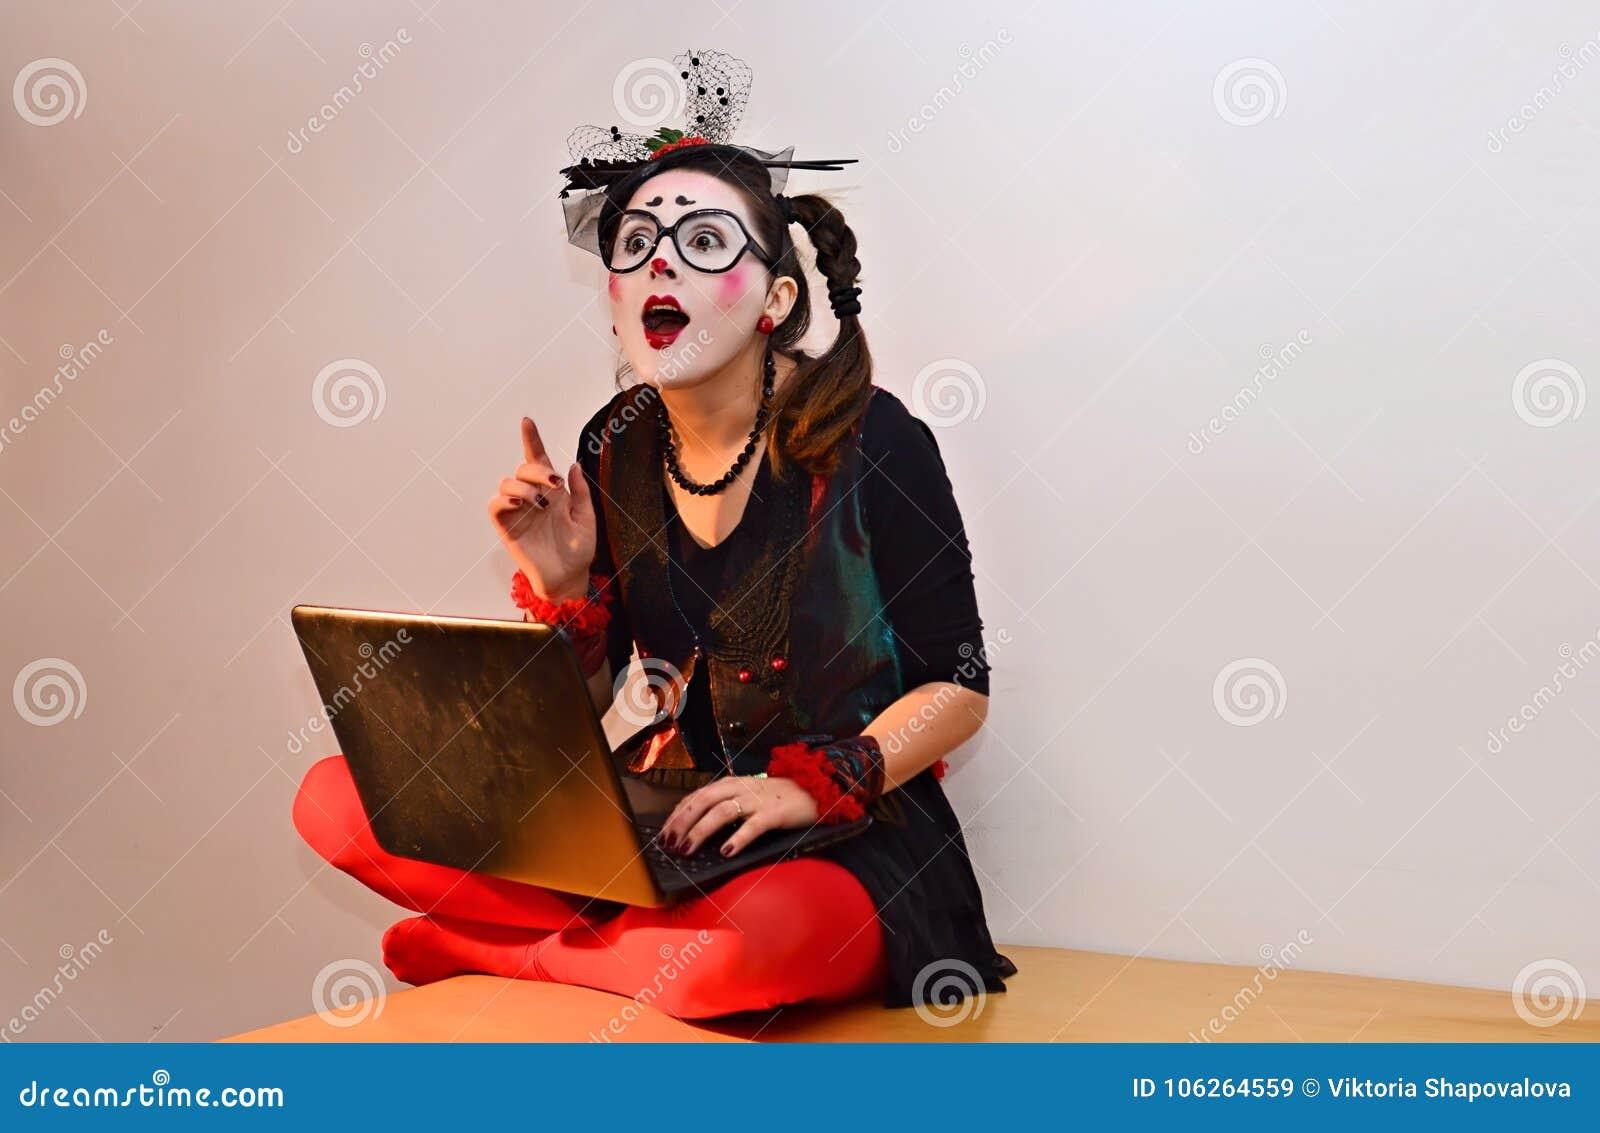 Το όμορφο νέο κορίτσι mime, πήρε μια μεγάλη ιδέα κοντά στο lap-top